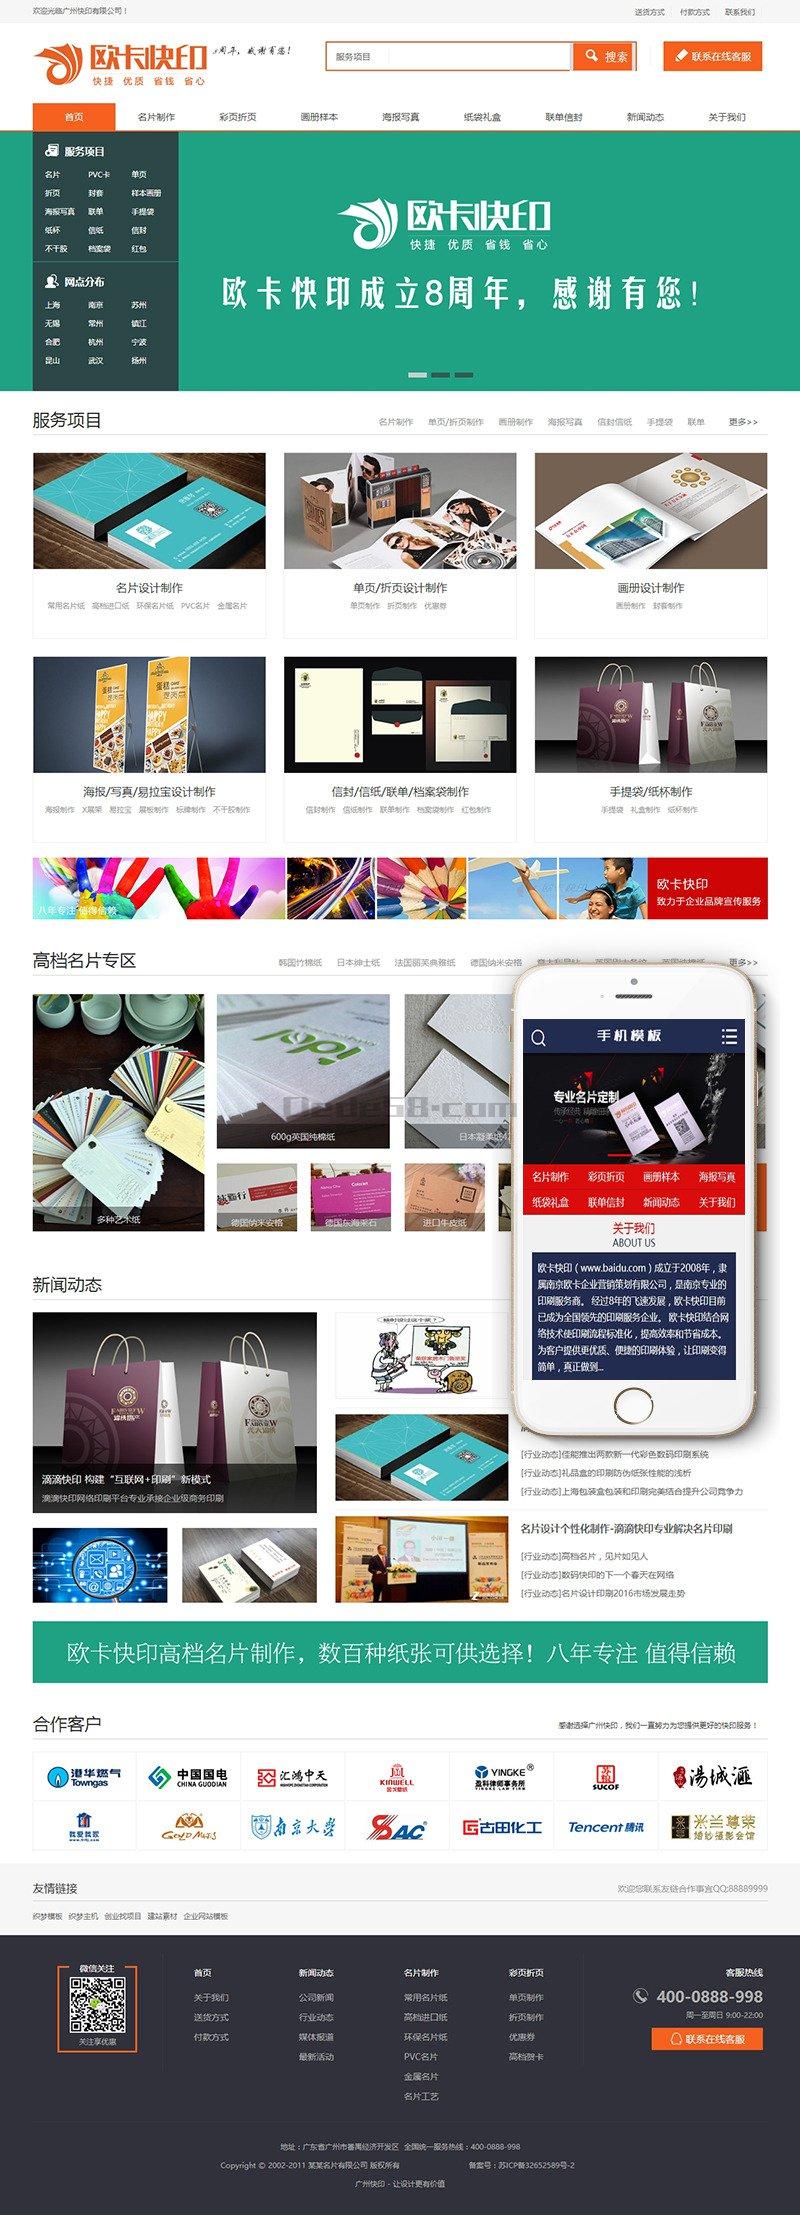 名片快印海报写真制作类网站织梦模板(带手机端)